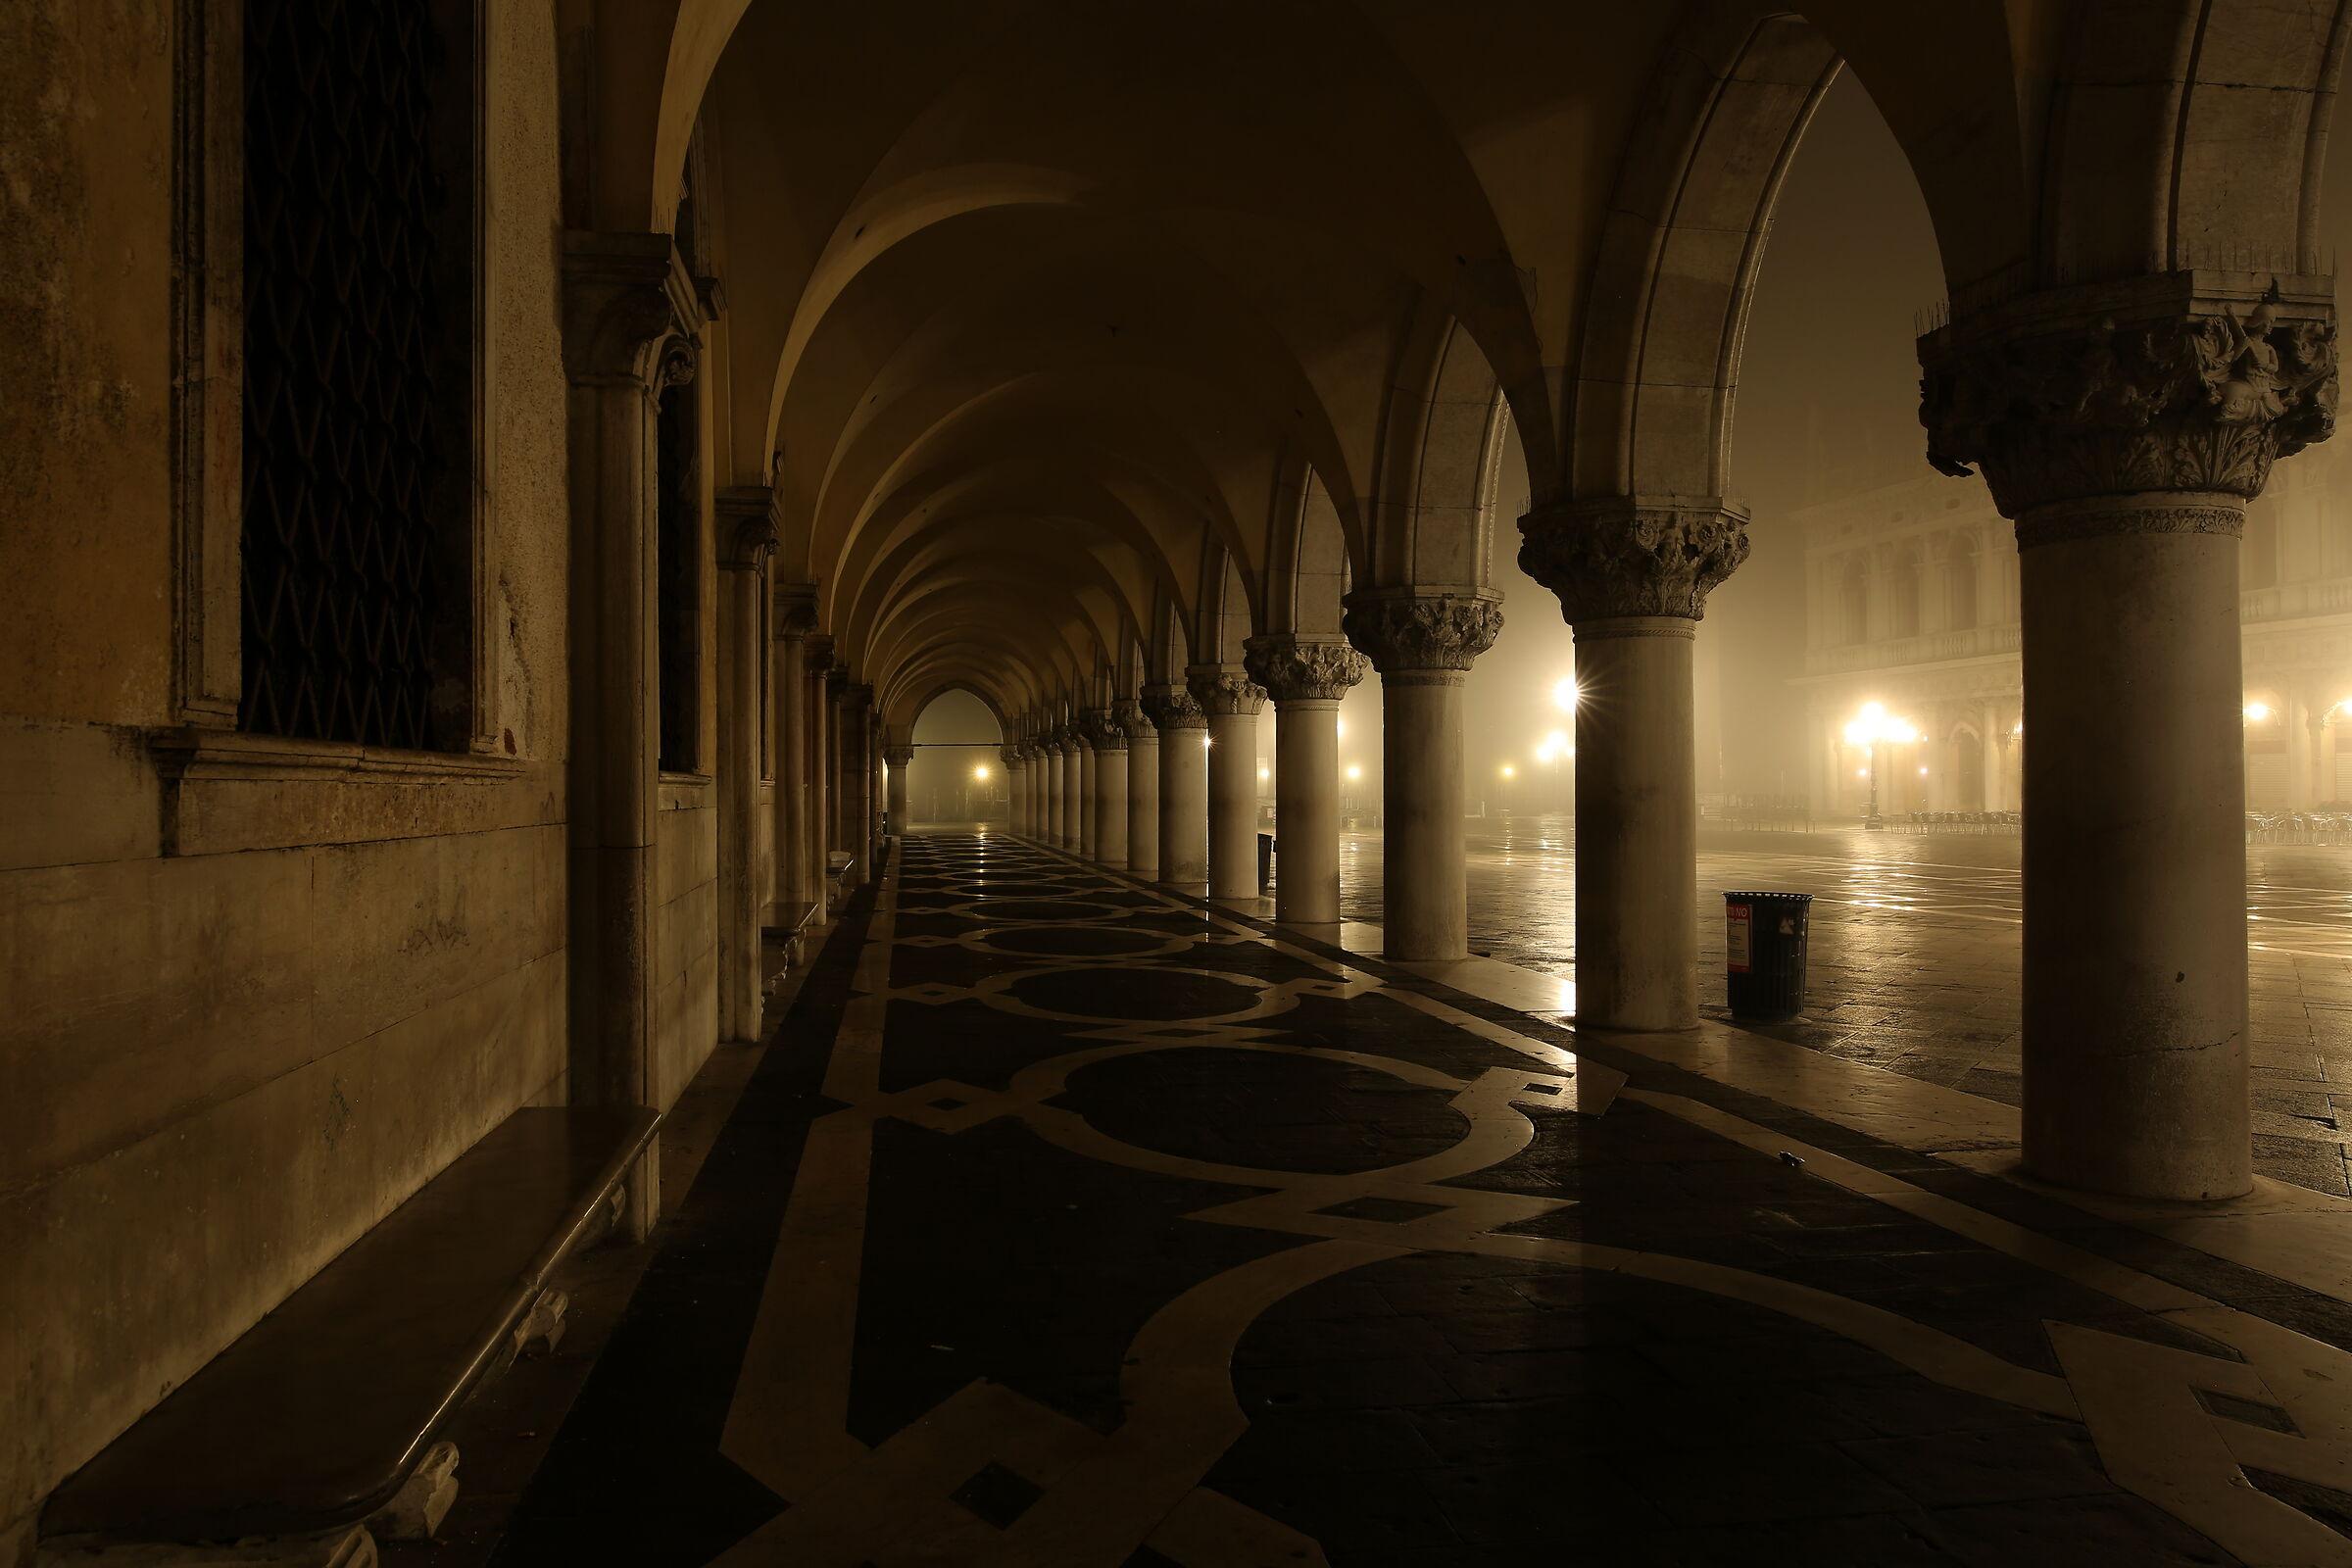 Una notte a Venezia...